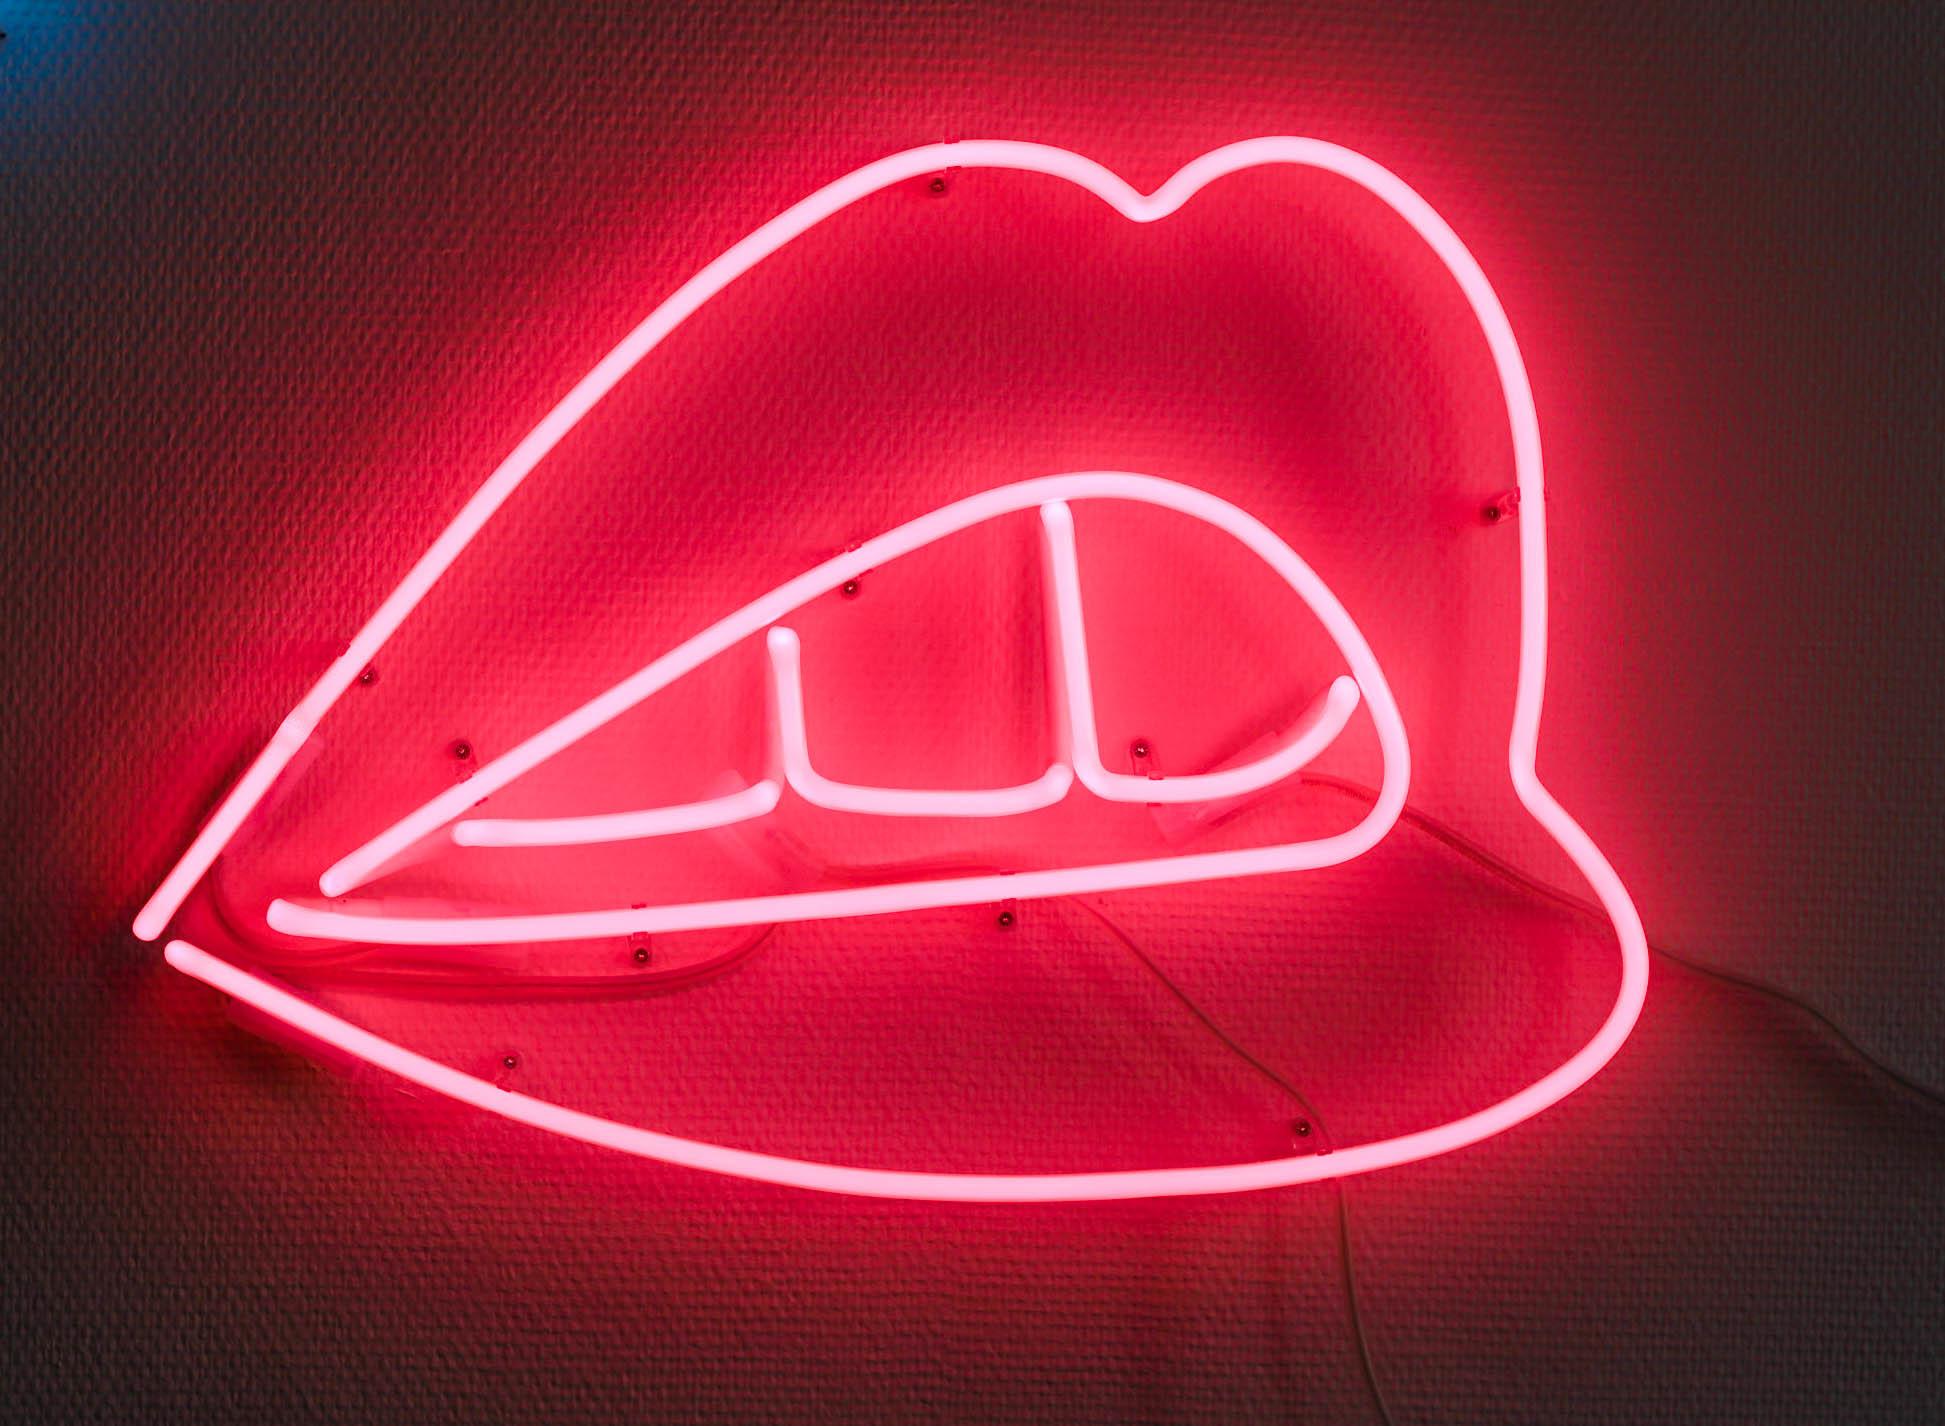 Neonlicht rote Lippen, Neonröhre rot